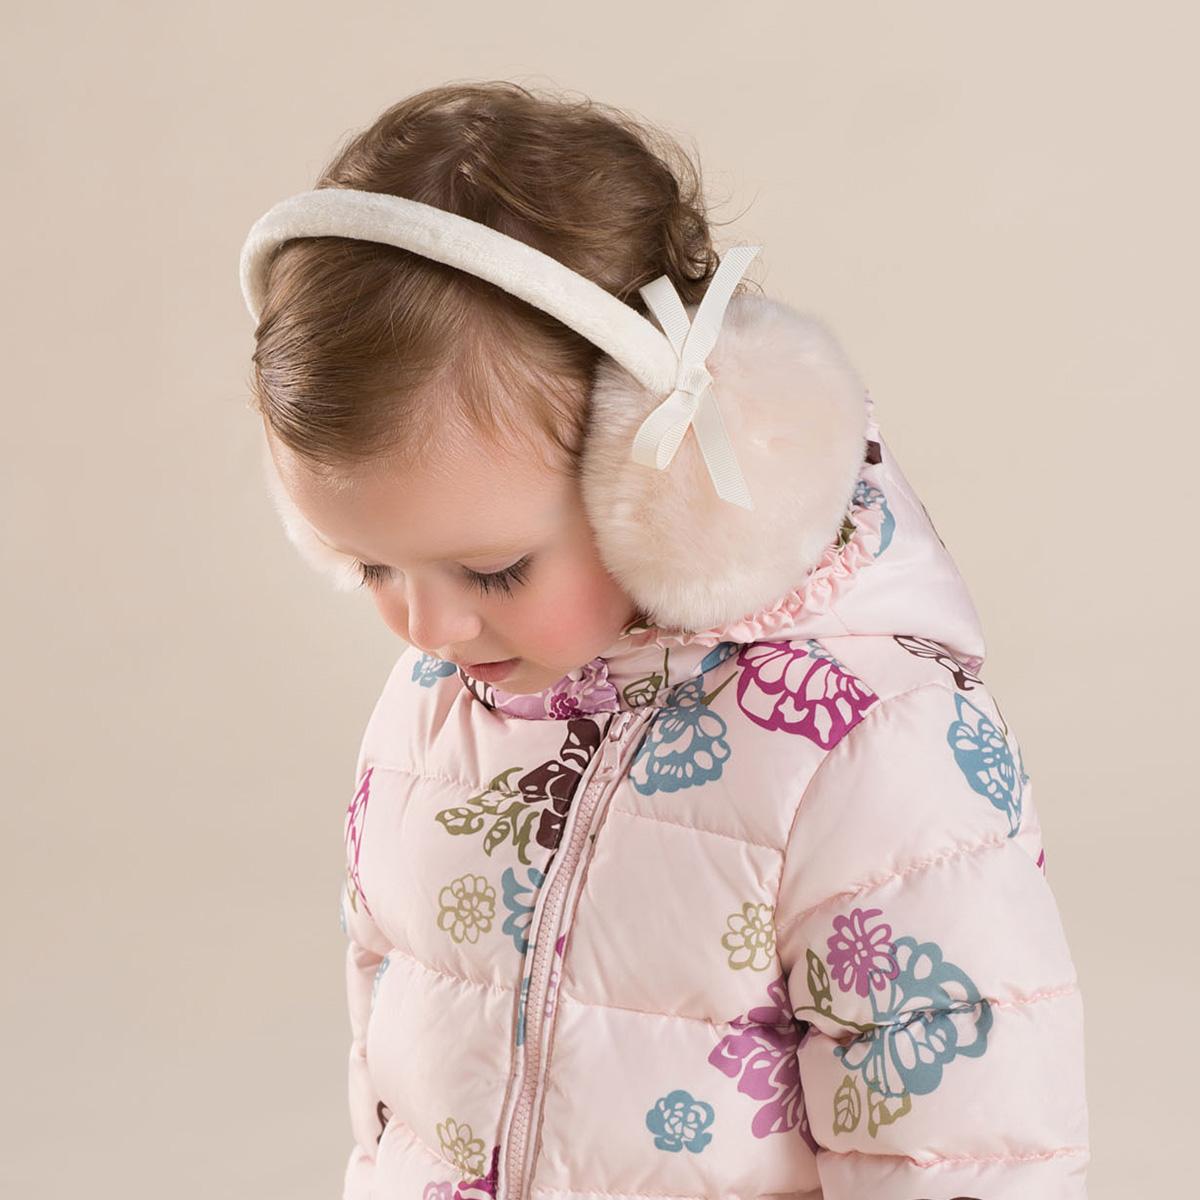 davebella戴維貝拉 男女童 加厚保暖耳罩 男女寶寶耳暖 PJ